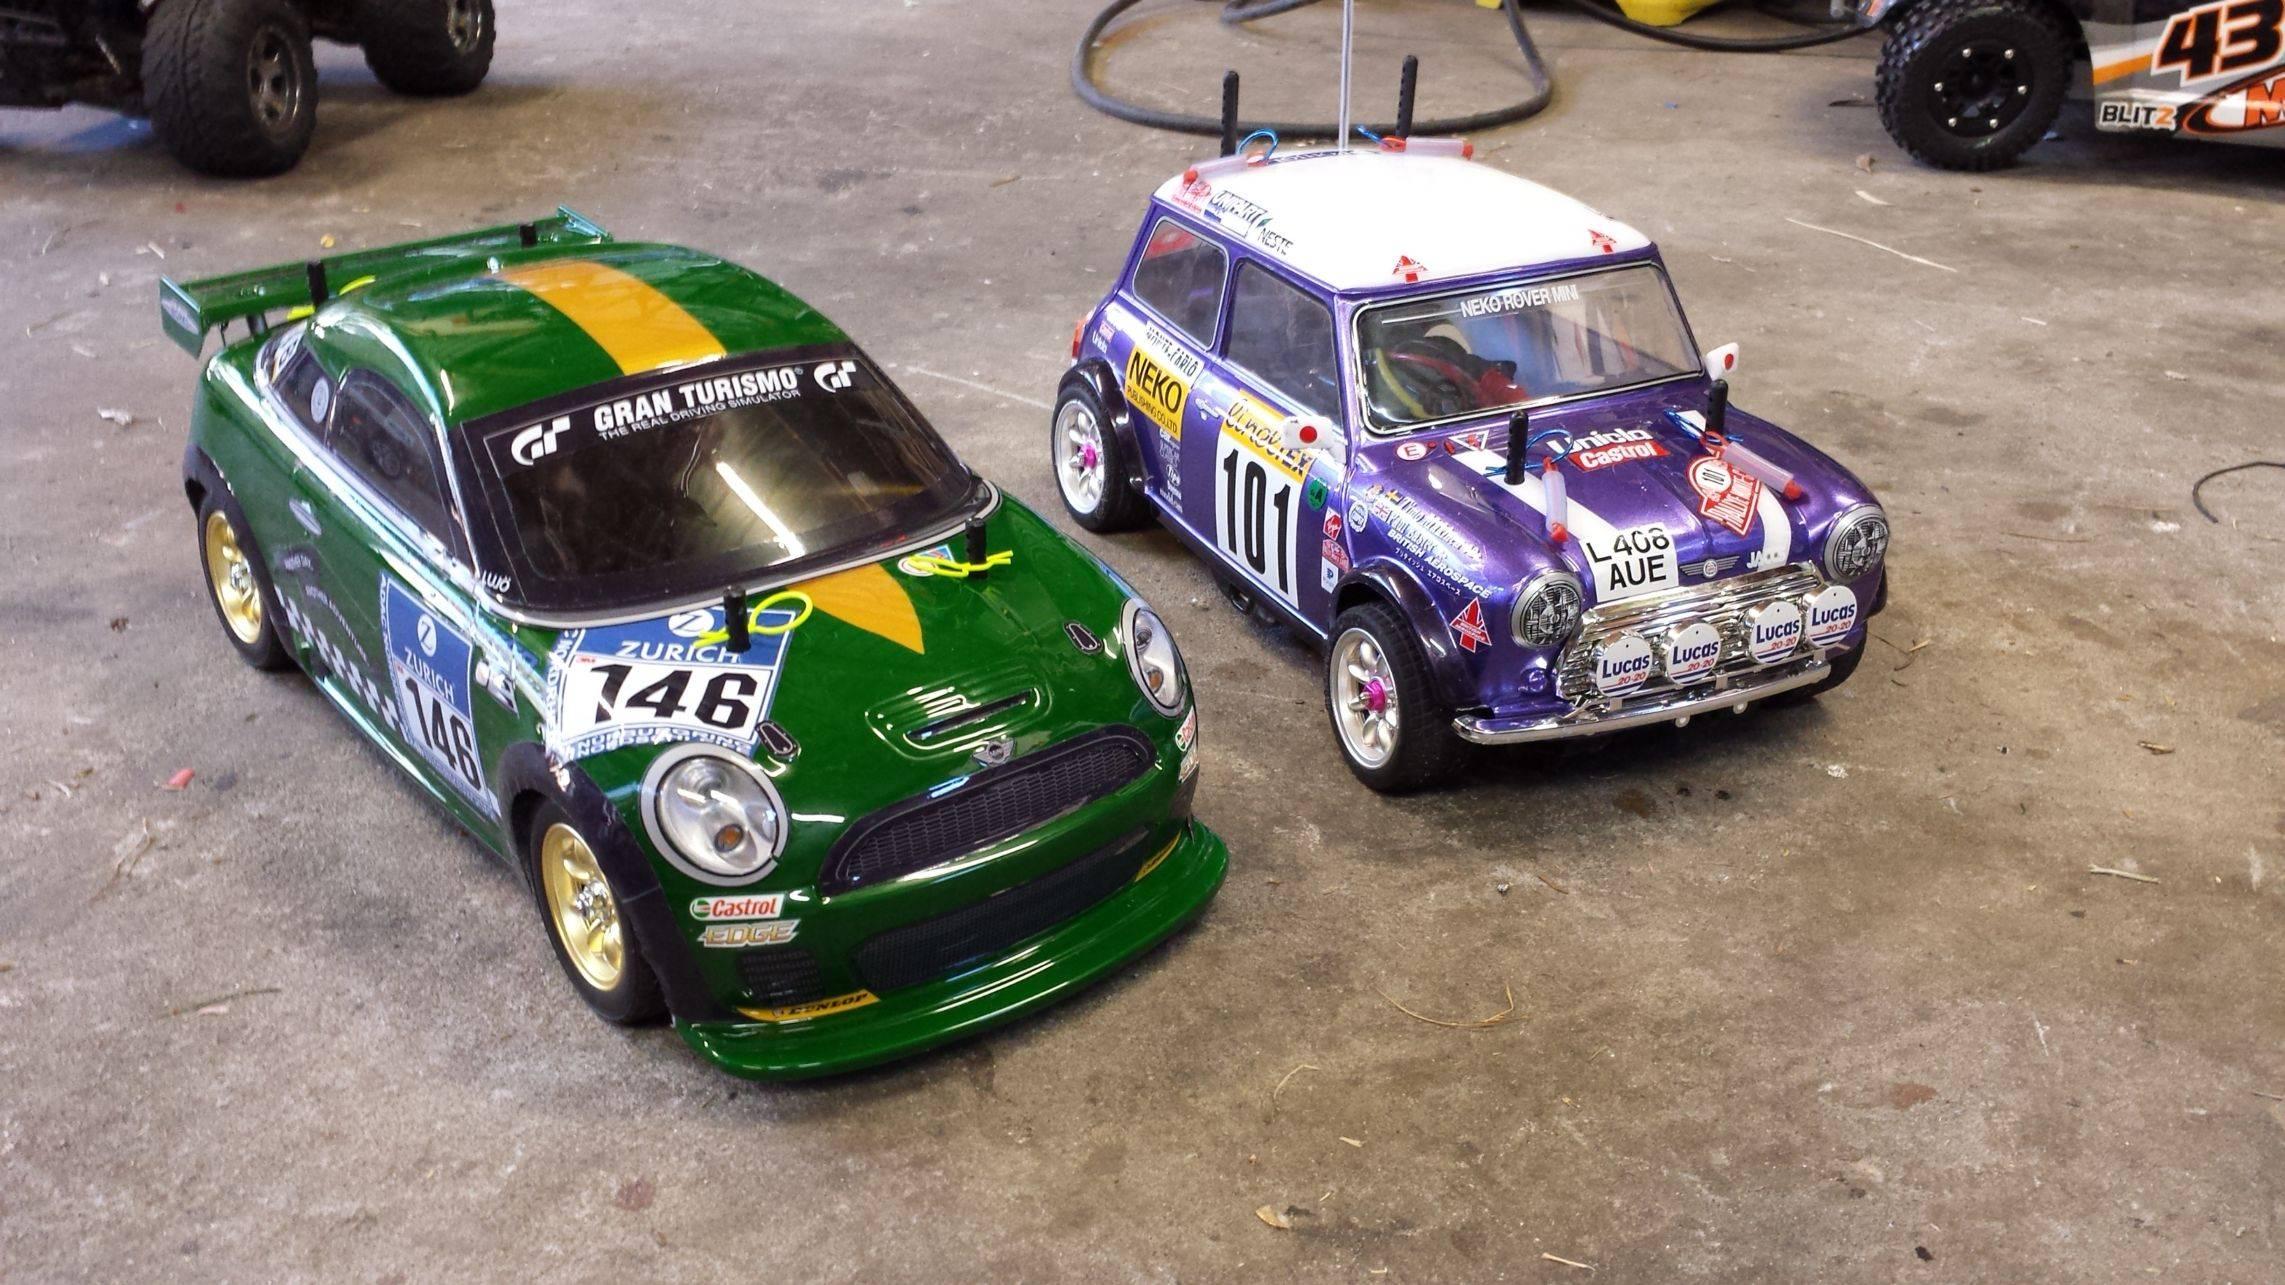 2x Mini M05 SWB and LWB